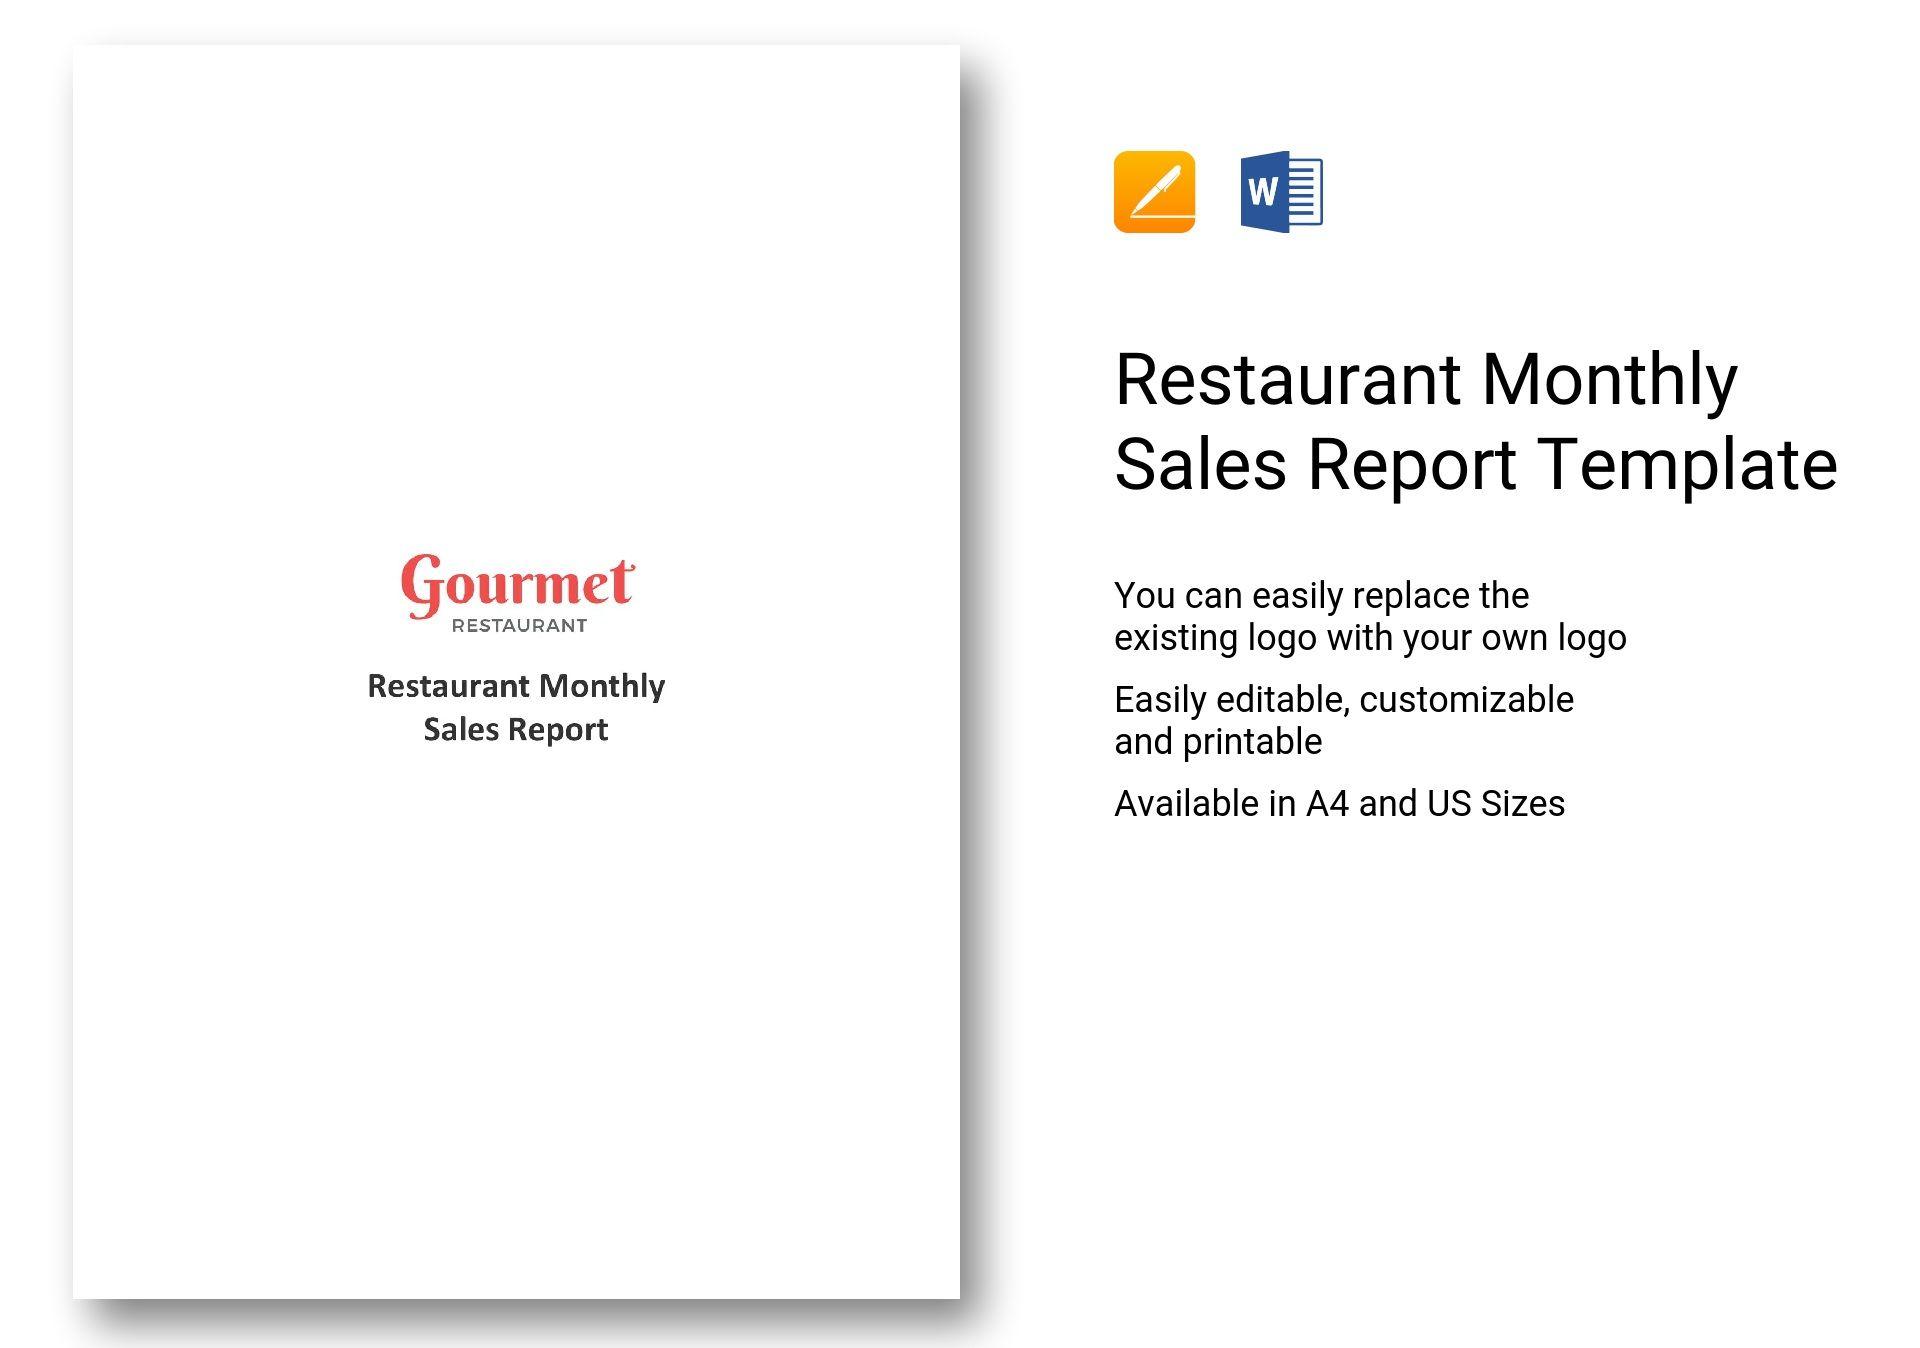 Restaurant Monthly Sales Report